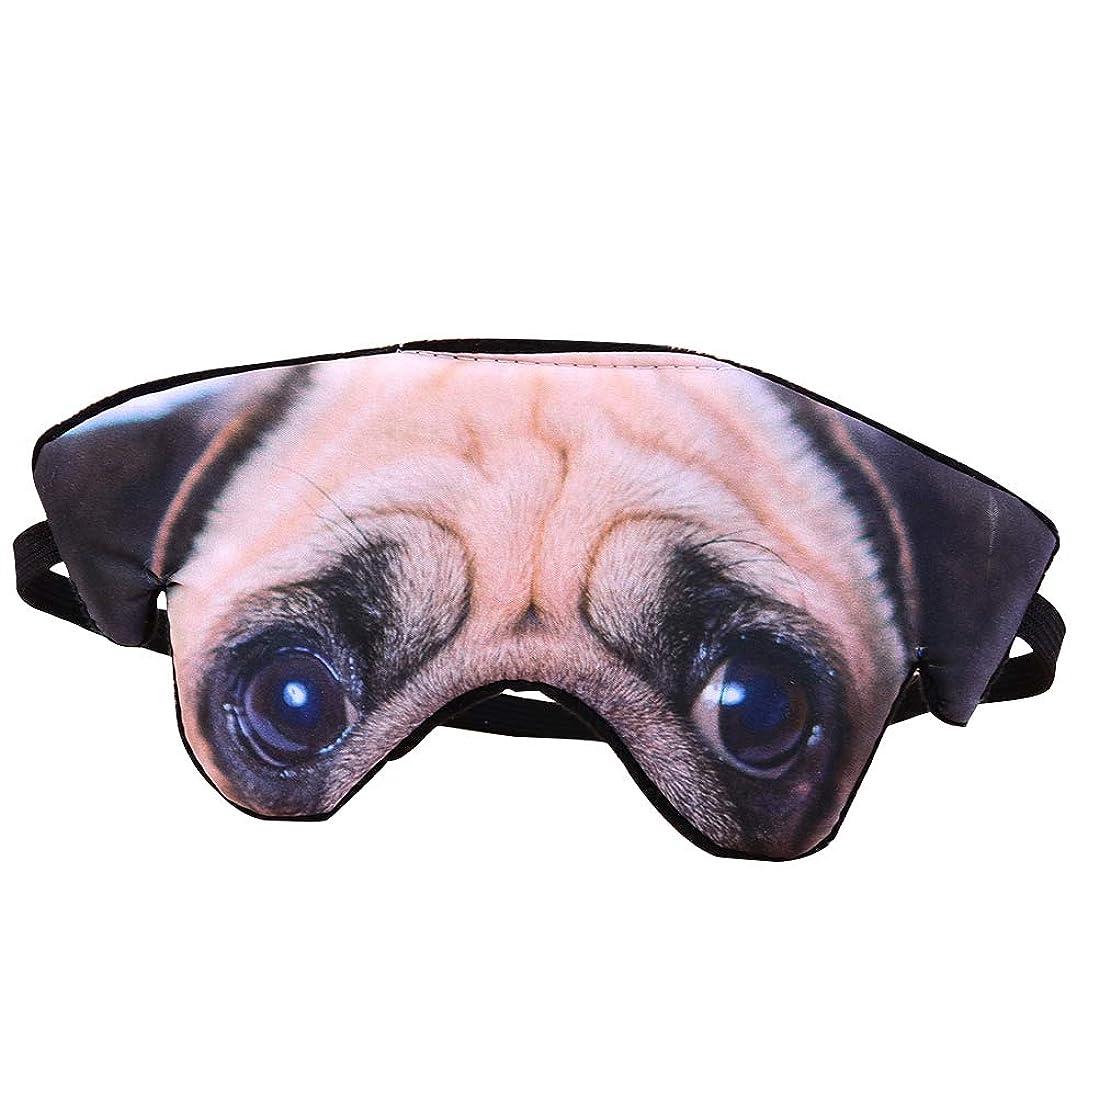 米国生じるセットするHEALIFTY 睡眠目隠し3D犬のパターンアイマスクファニーシェードナップカバー目隠し睡眠マスク目の眠りゴーグル(Pug)